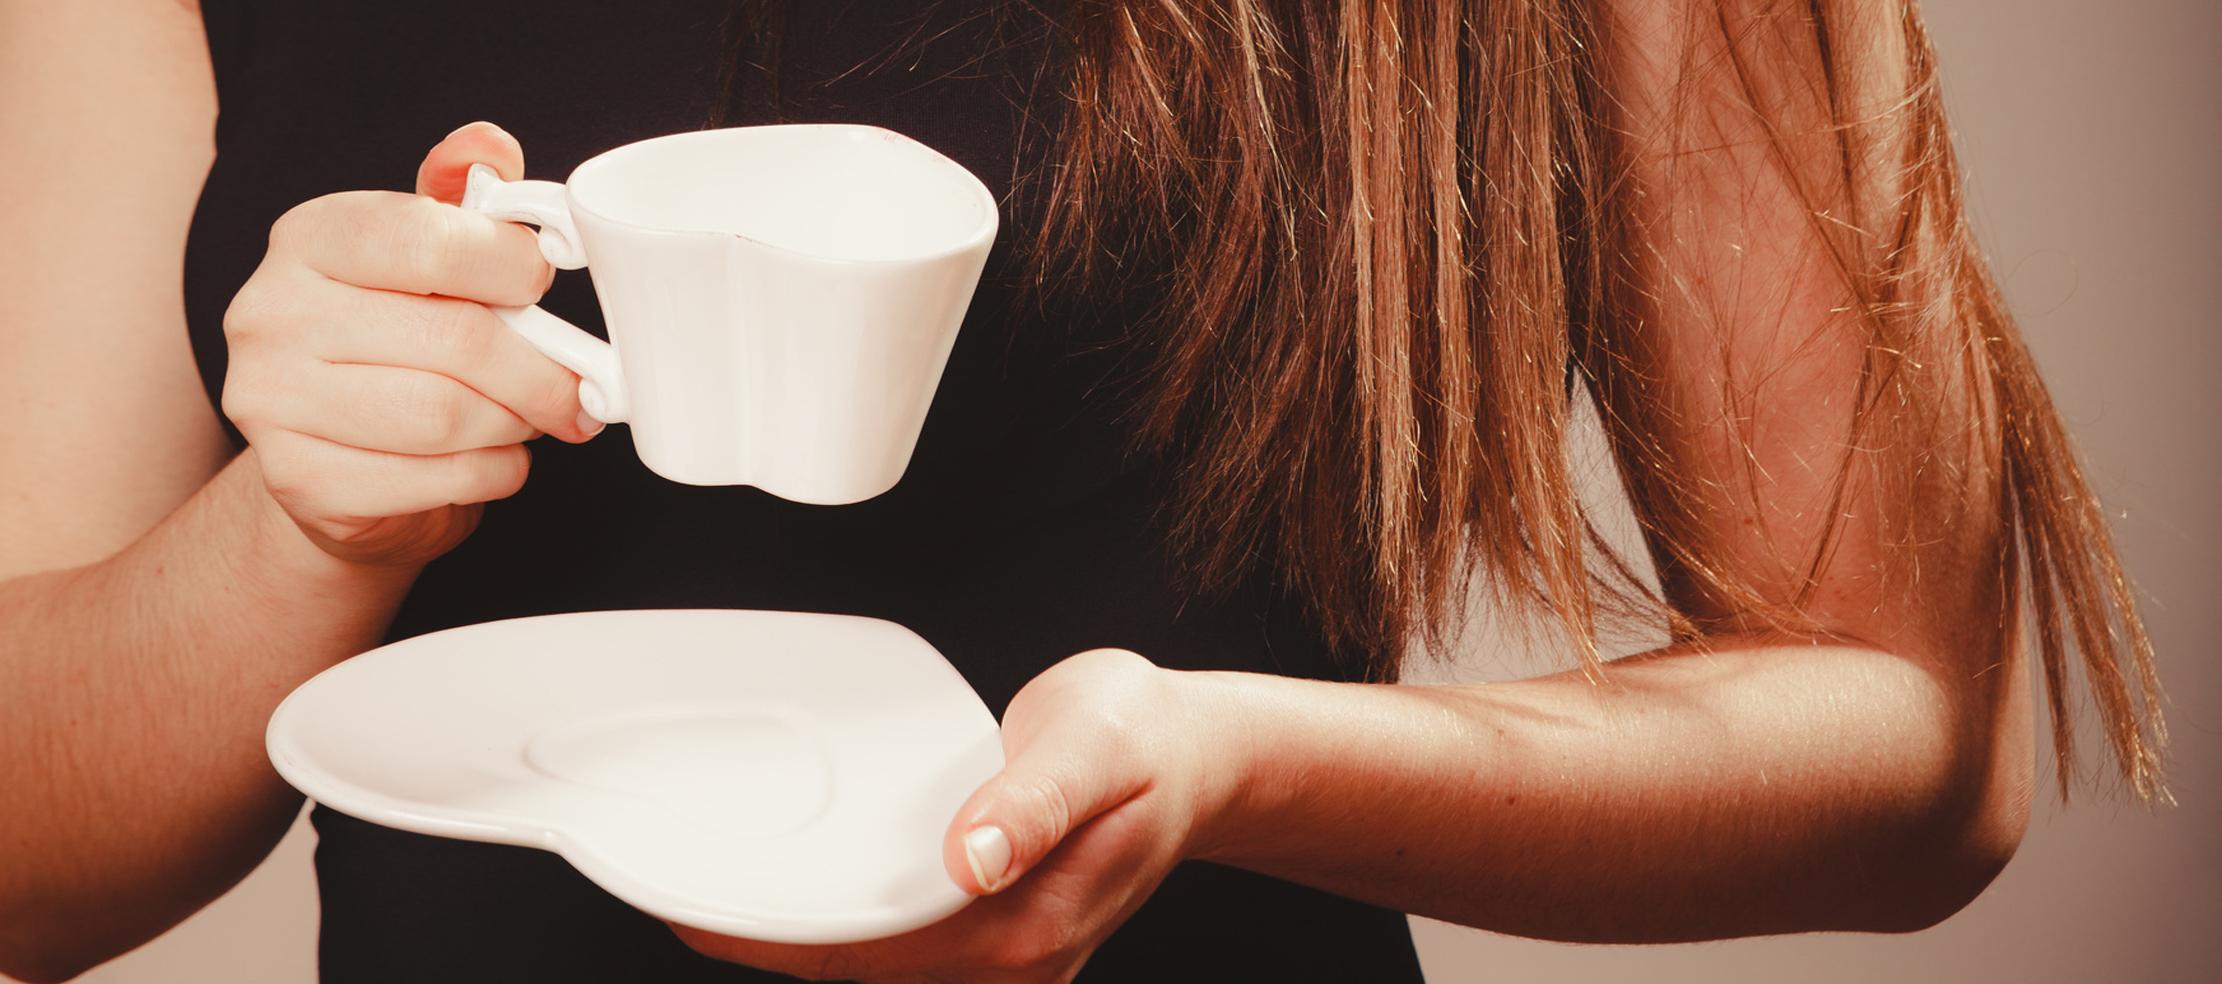 Espresso 16 12 16